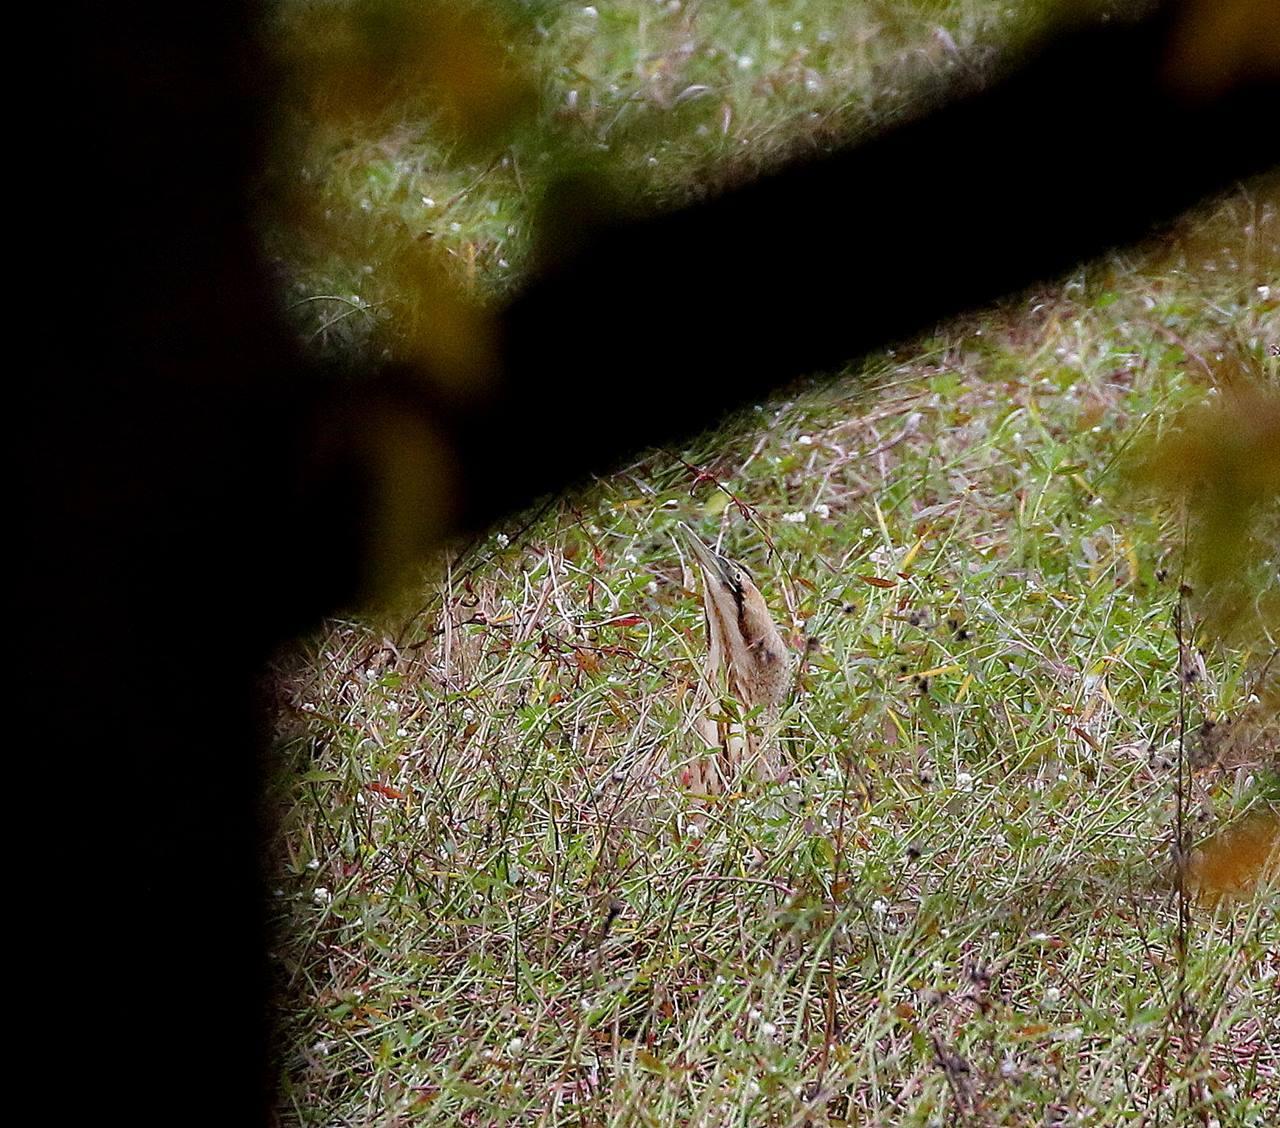 珍しいサンカノゴイがやって来た・・・_c0213607_00324483.jpg